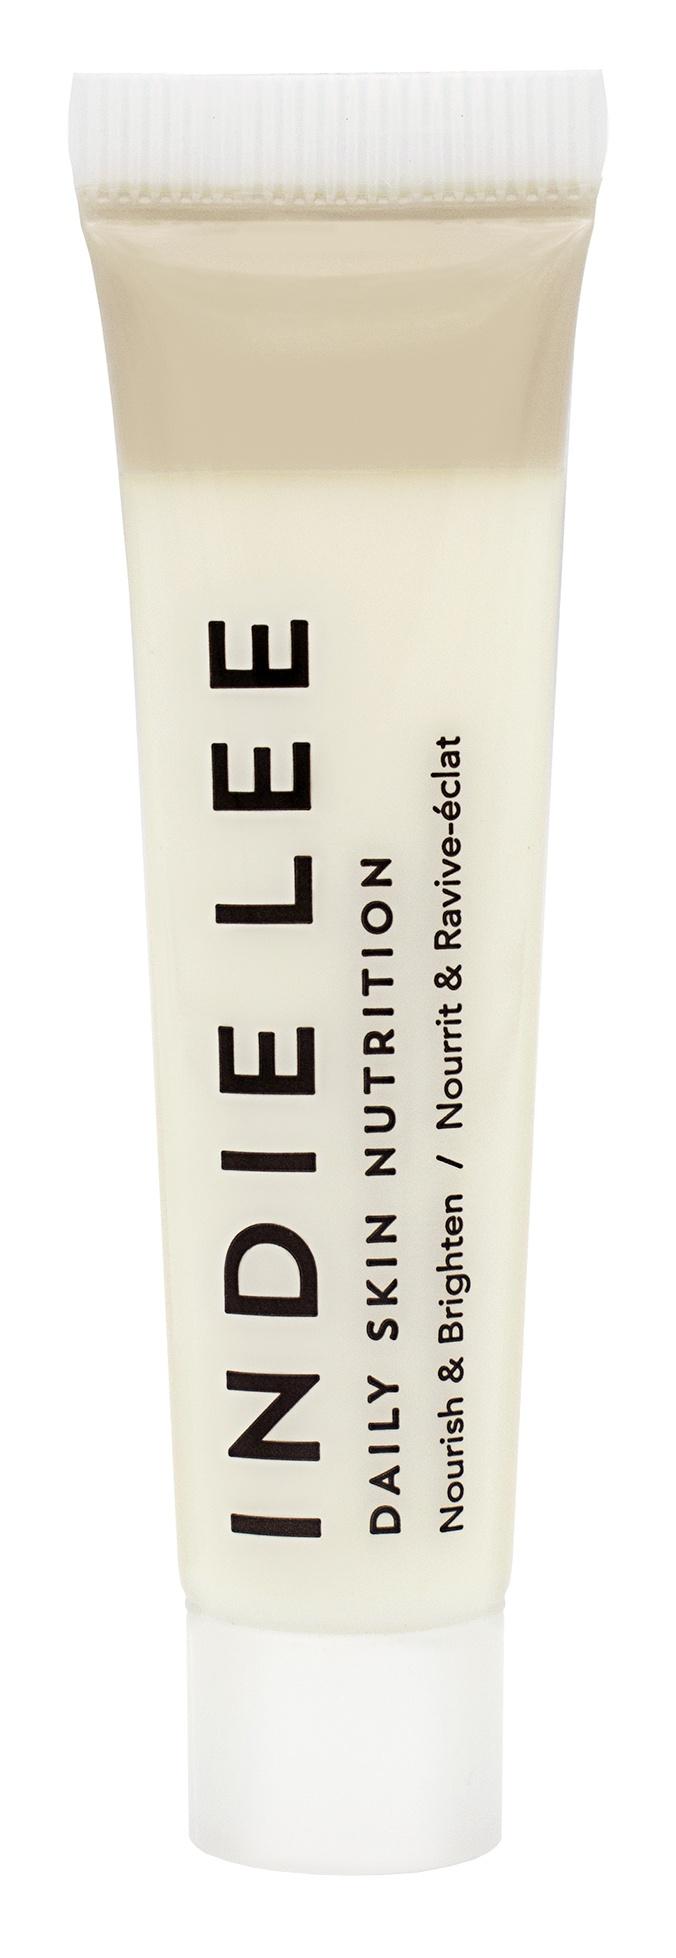 Indie Lee Daily Skin Nutrition